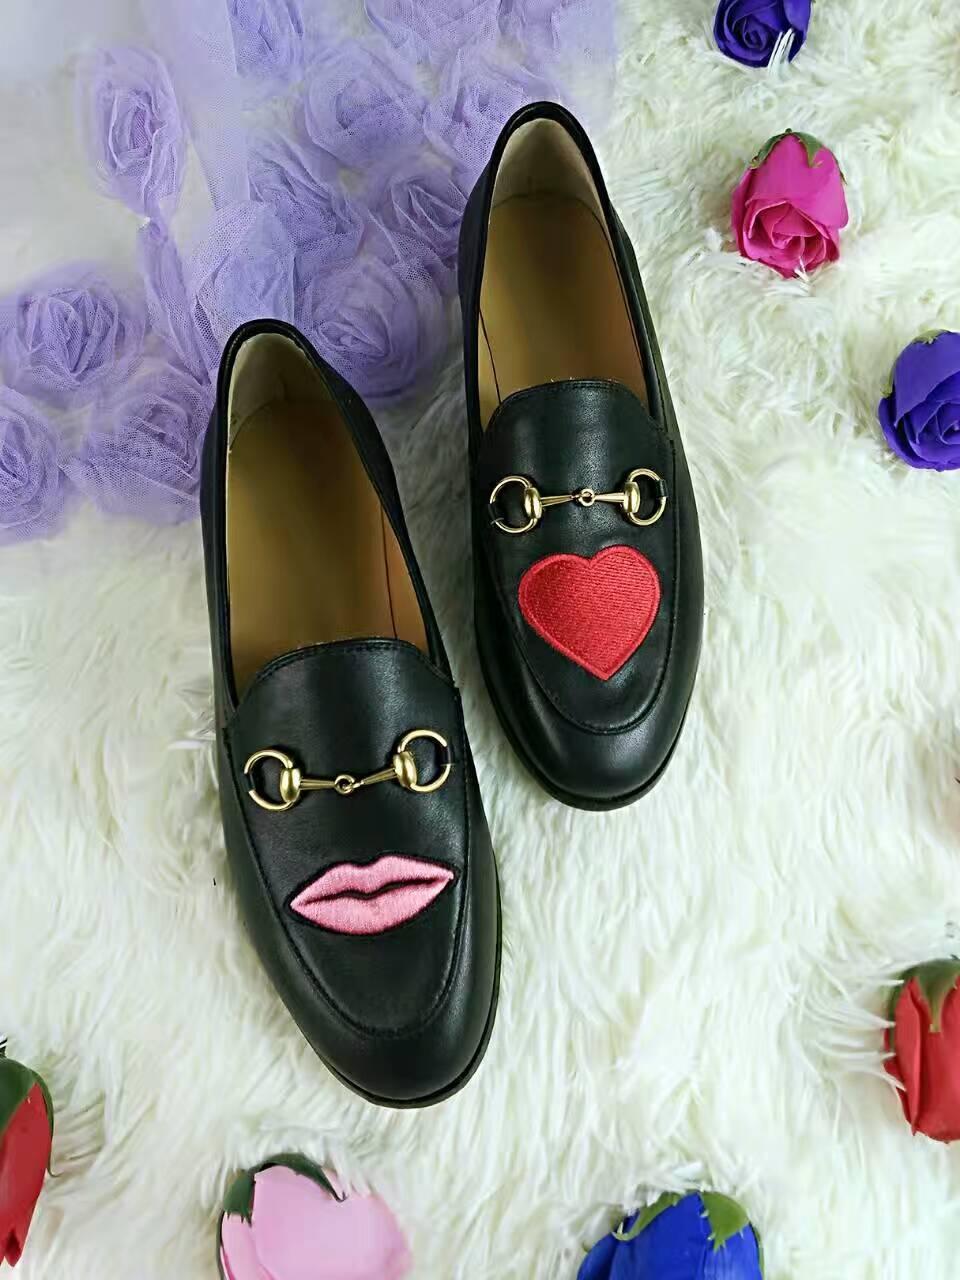 miglior versione! u721 40 2 colori in vera pelle ricamo appartamenti scarpe mocassini fiore serpente cuore labbra nero bianco g 2017 elegante alla moda